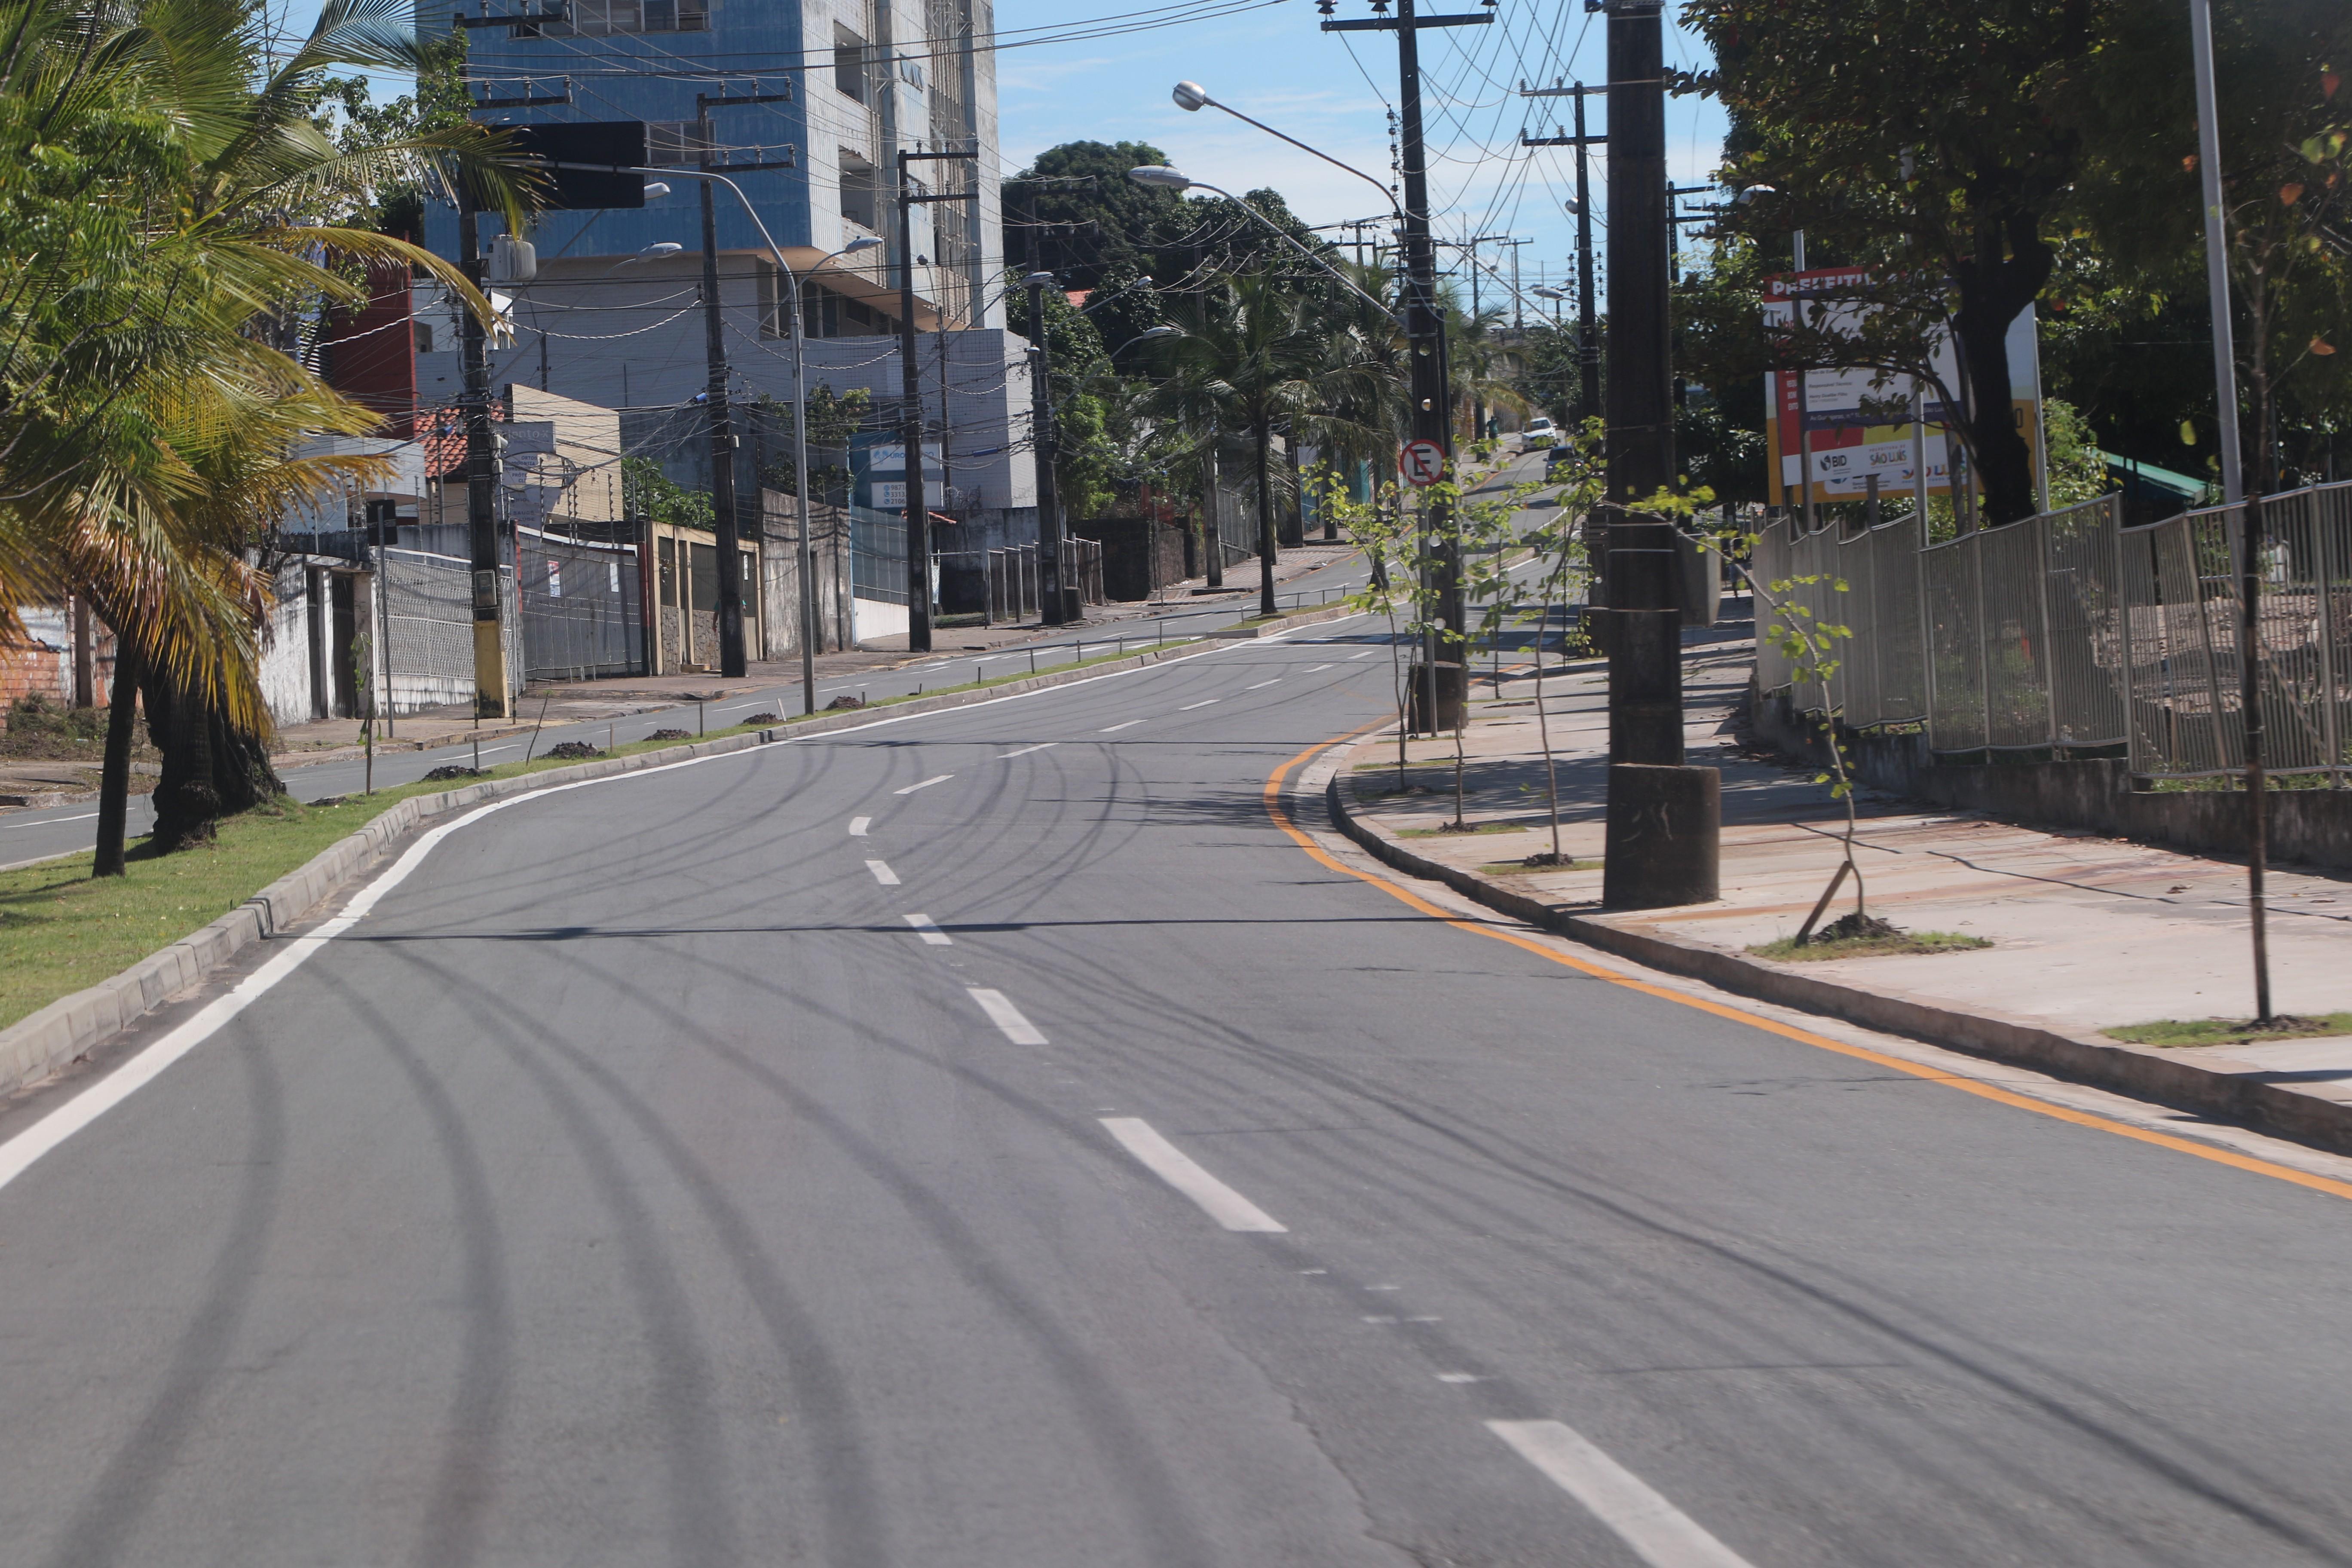 Suspensão de aulas e eventos: entenda o que muda no Maranhão com as medidas restritivas contra a Covid-19